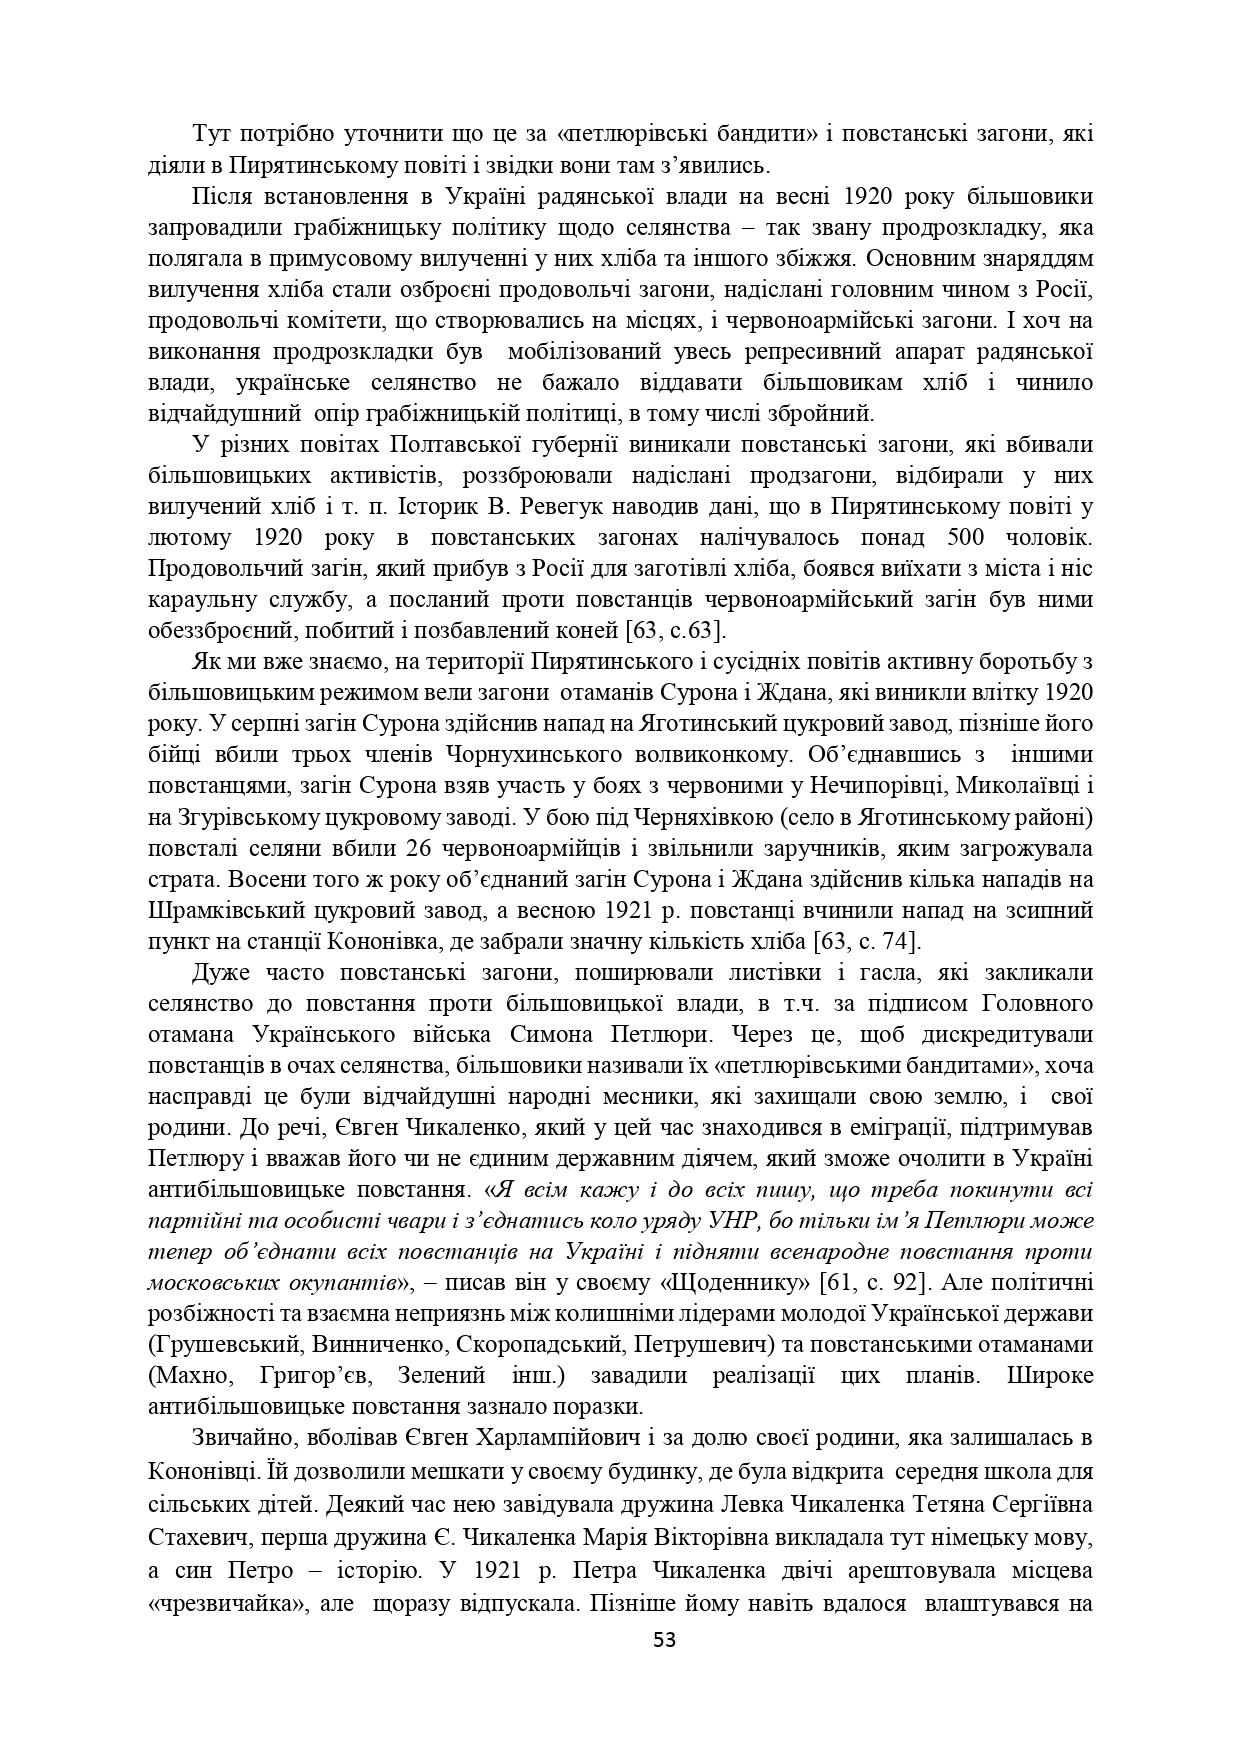 ІСТОРІЯ СЕЛА КОНОНІВКА 2021 (1)_page-0053